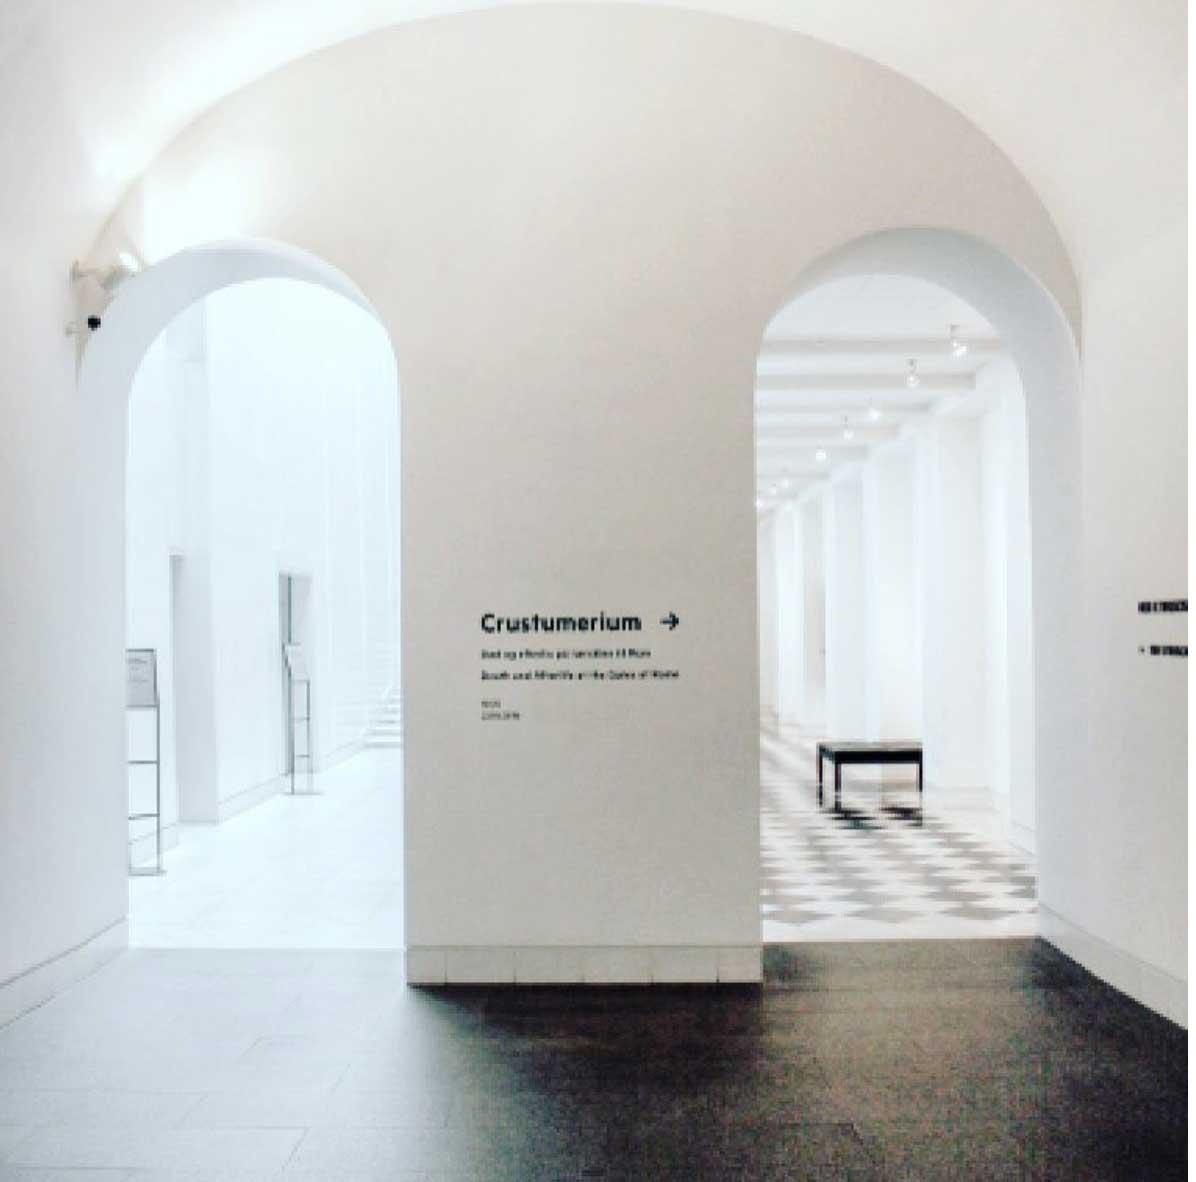 Museum in Copenhagen